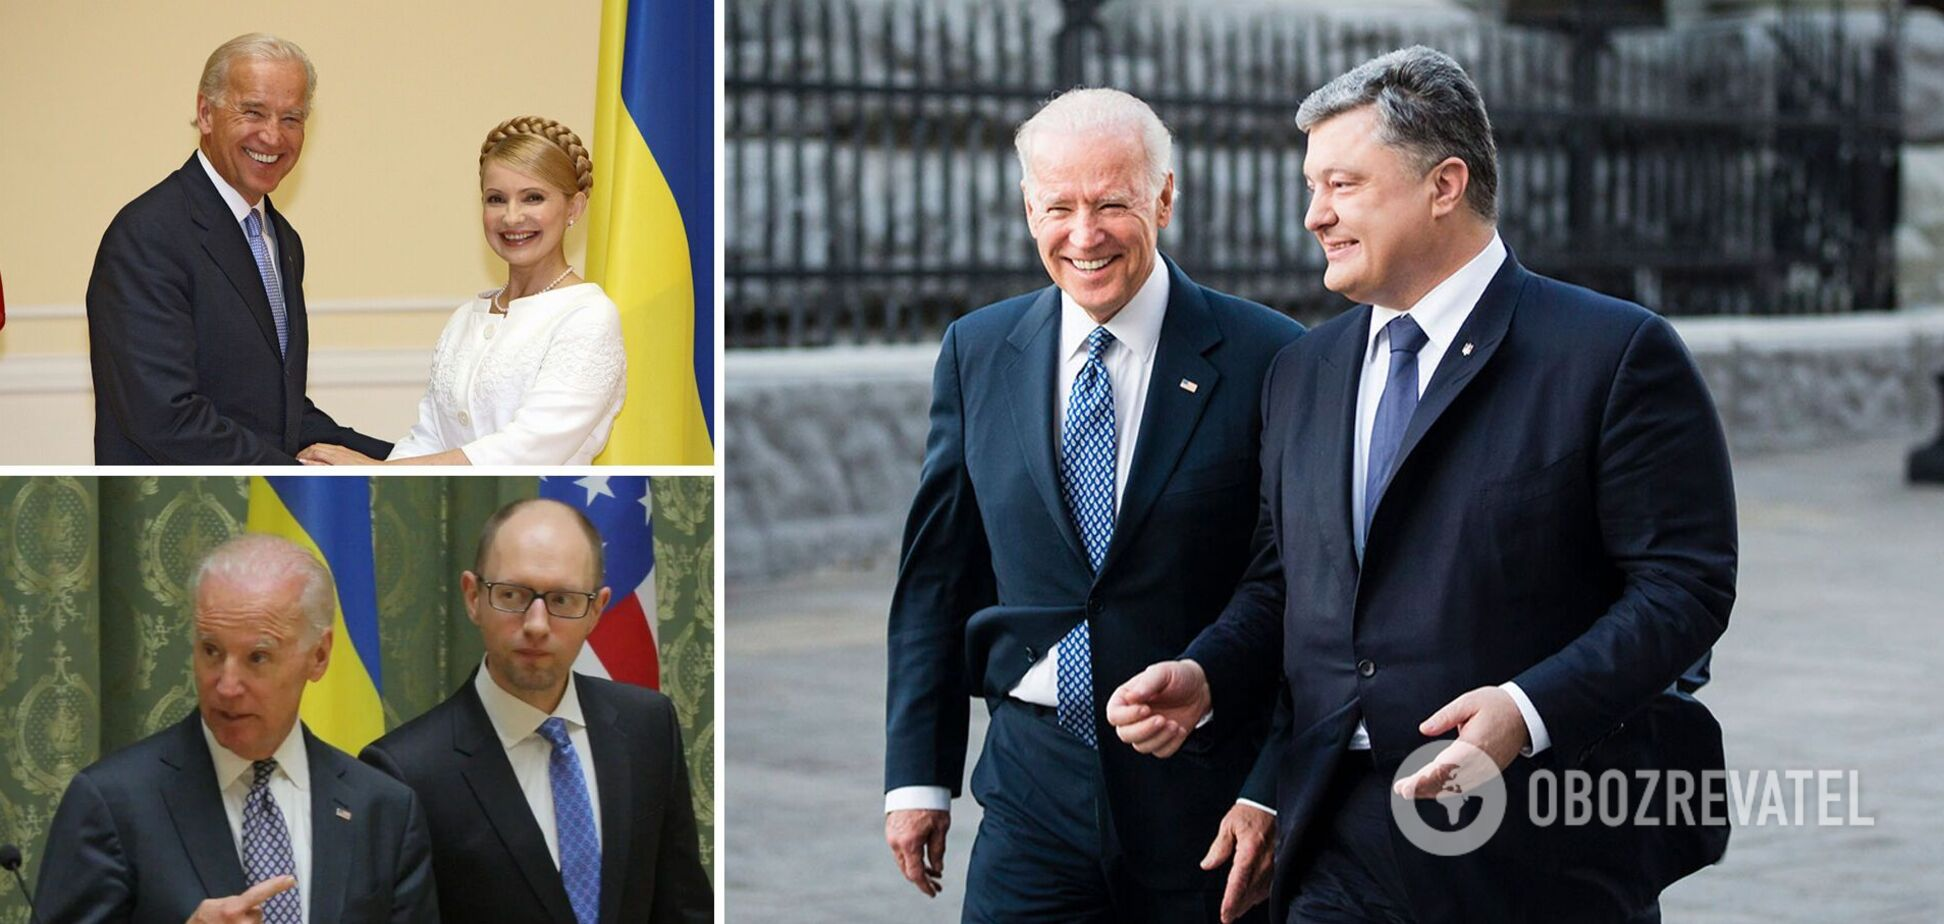 Джо Байден и украинские политики